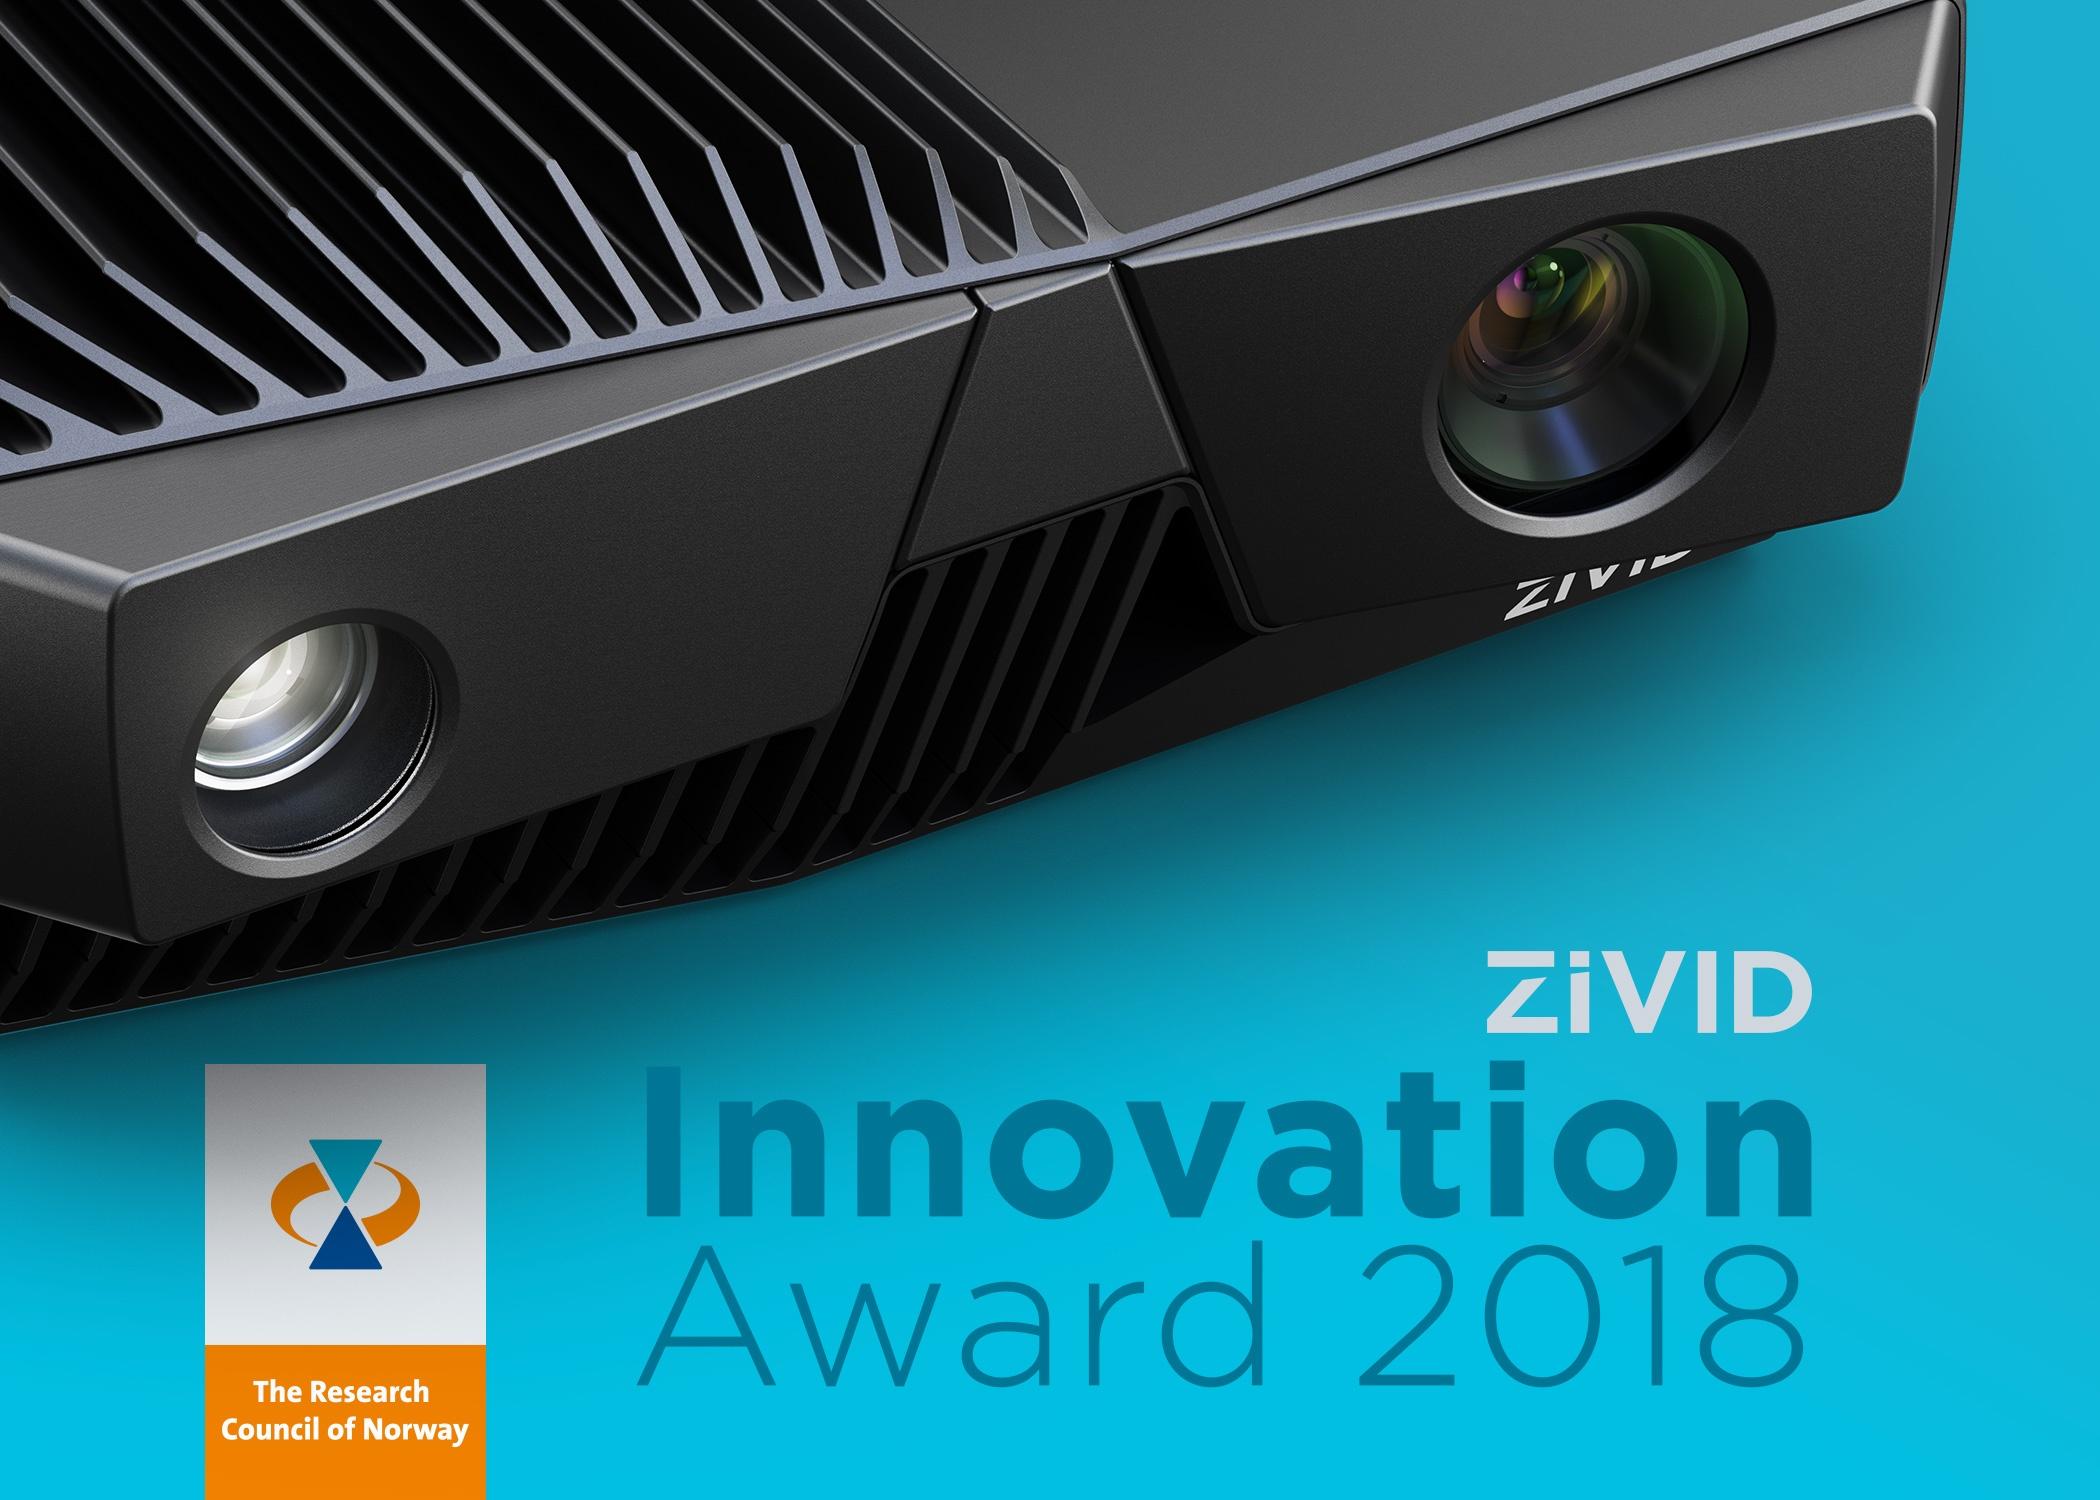 Zivid-Innovation-Award-2018-1